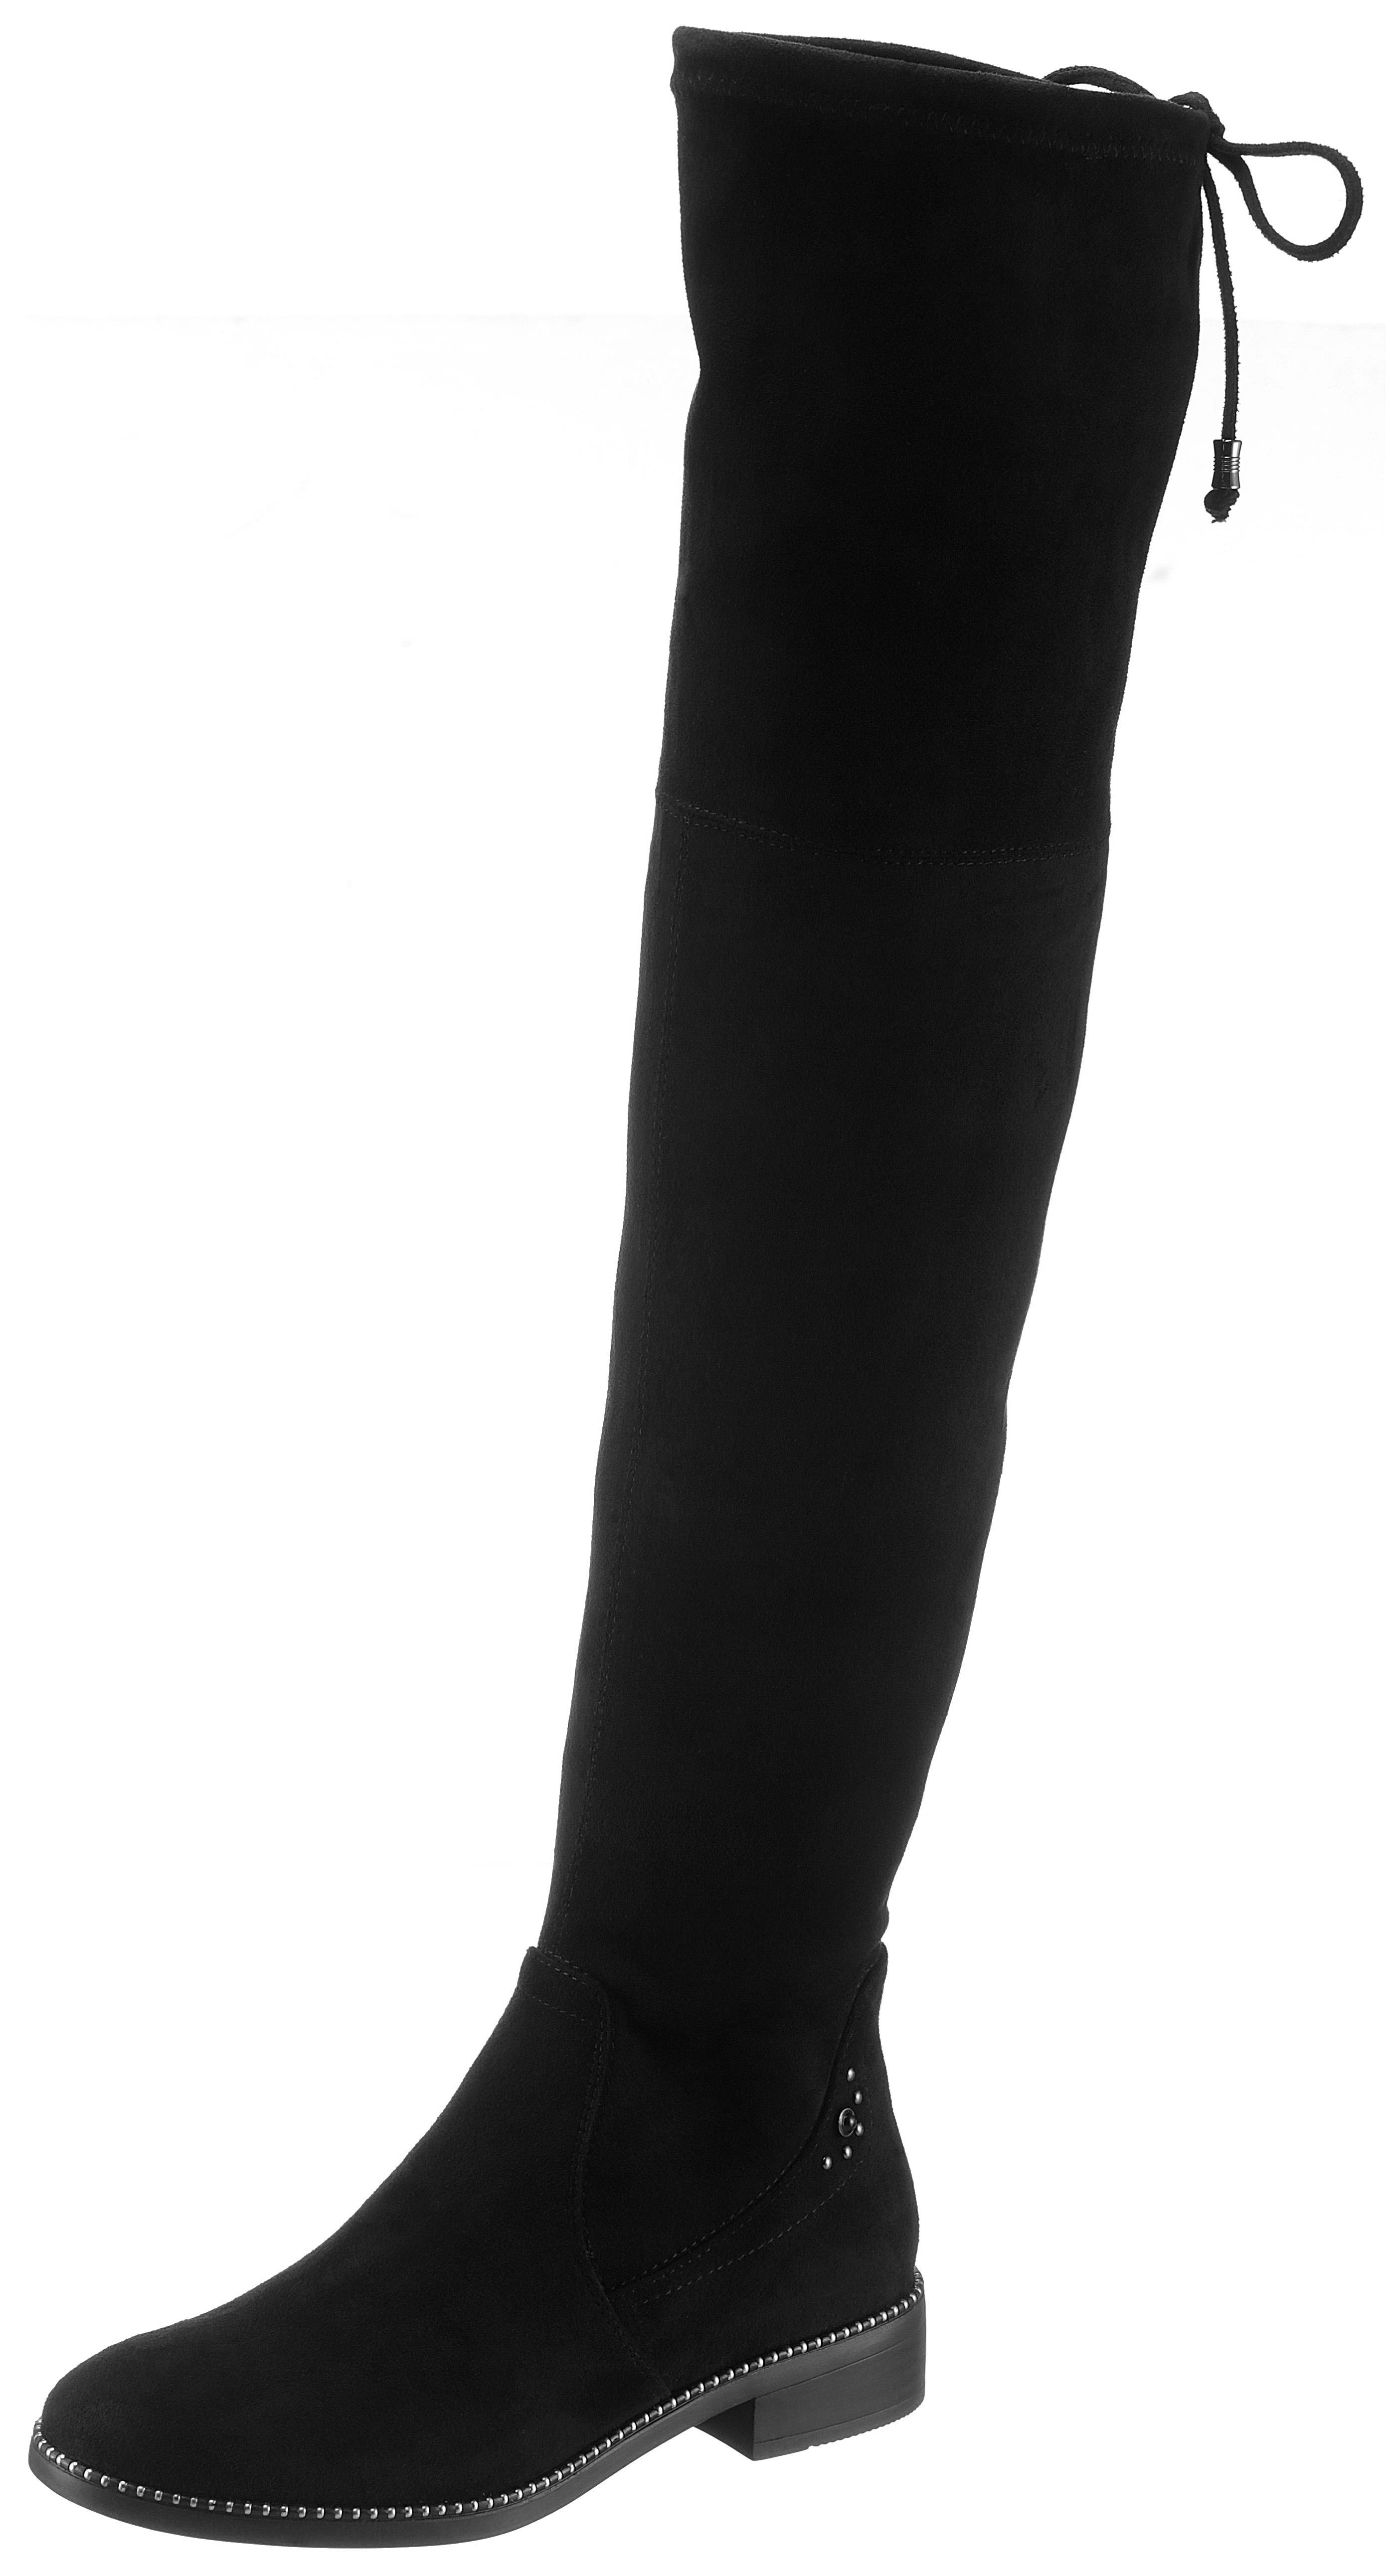 zwarte laarzen zonder hak